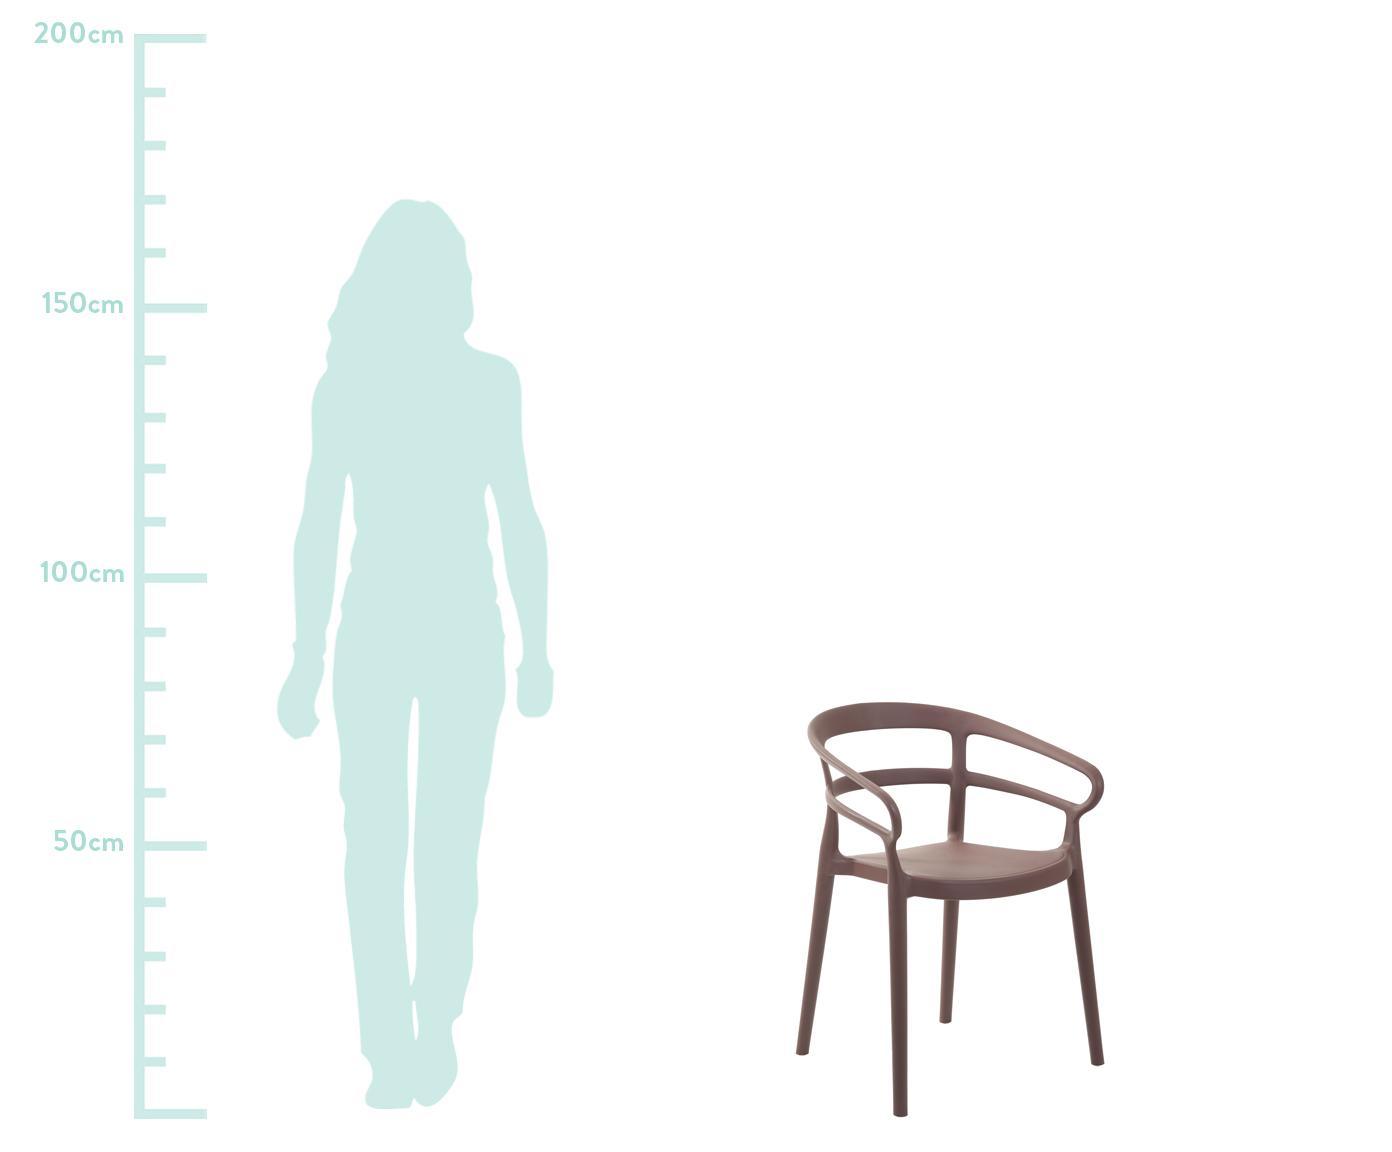 Krzesło z tworzywa sztucznego z podłokietnikami Rodi, 2 szt., Polipropylen, Brązowy, S 52 x G 57 cm